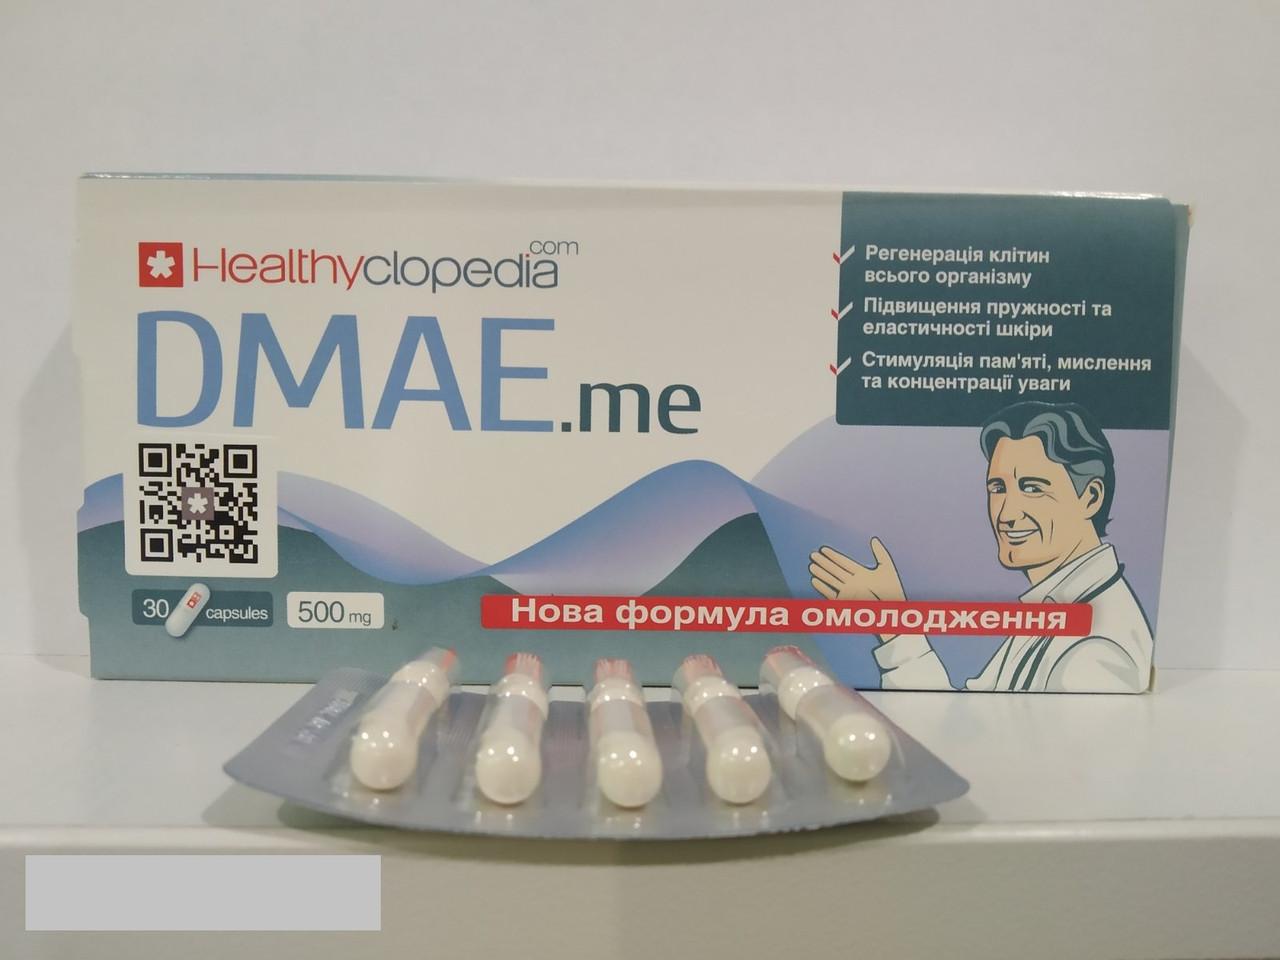 Биодобавка DMAE.me новая формула омоложения с видимым косметическим эффектом 30 капсул HEALTHYCLOPEDIA